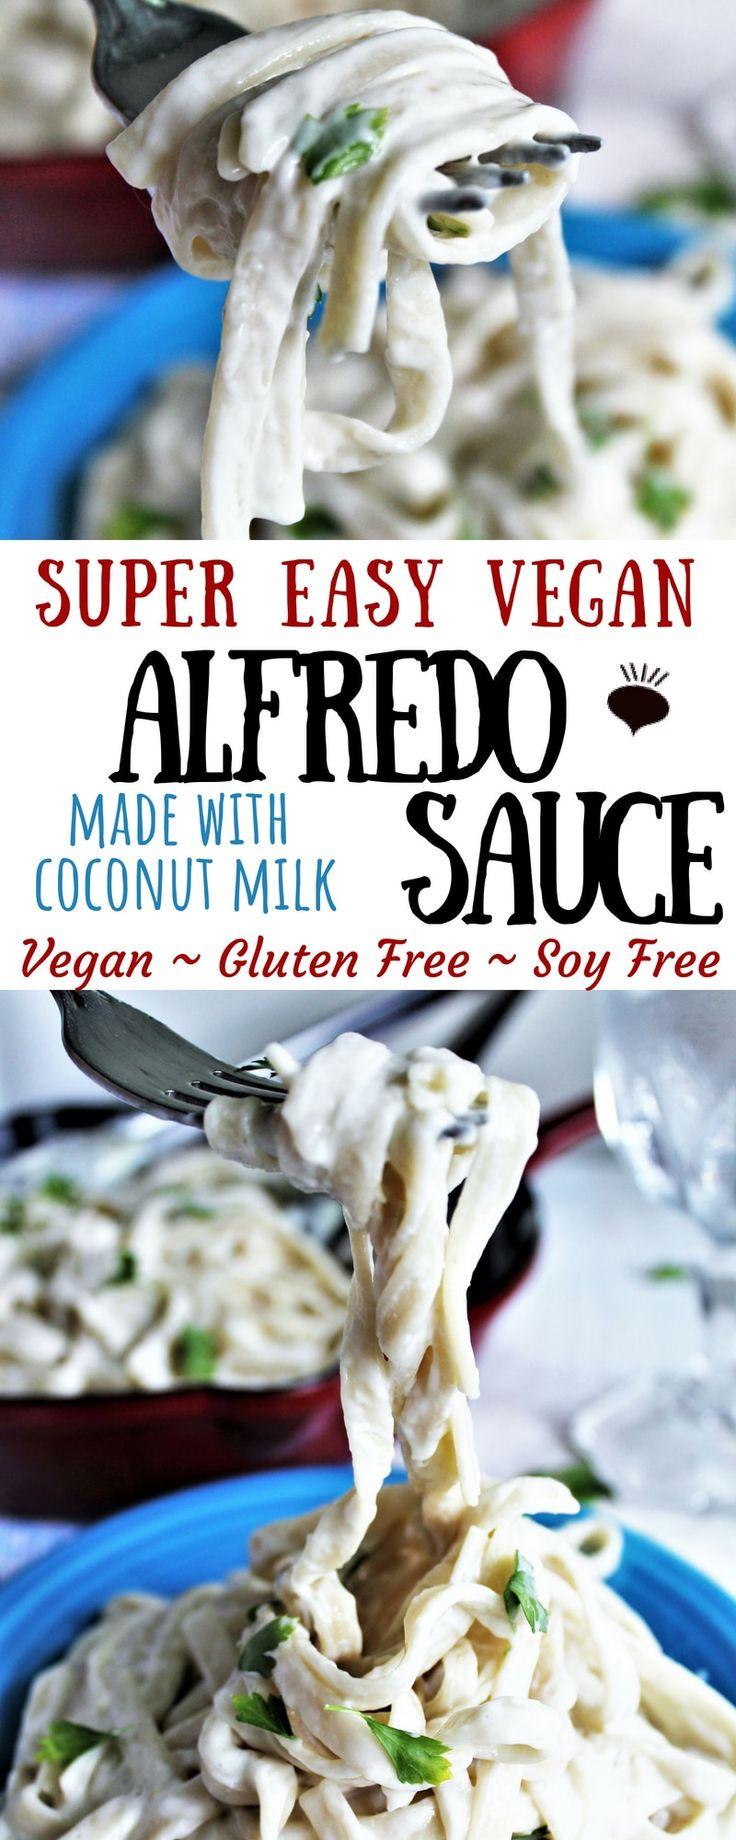 Ein super einfaches Rezept für eine vegane Alfredo-Sauce aus Kokosmilch. Ein einfacher Weg …